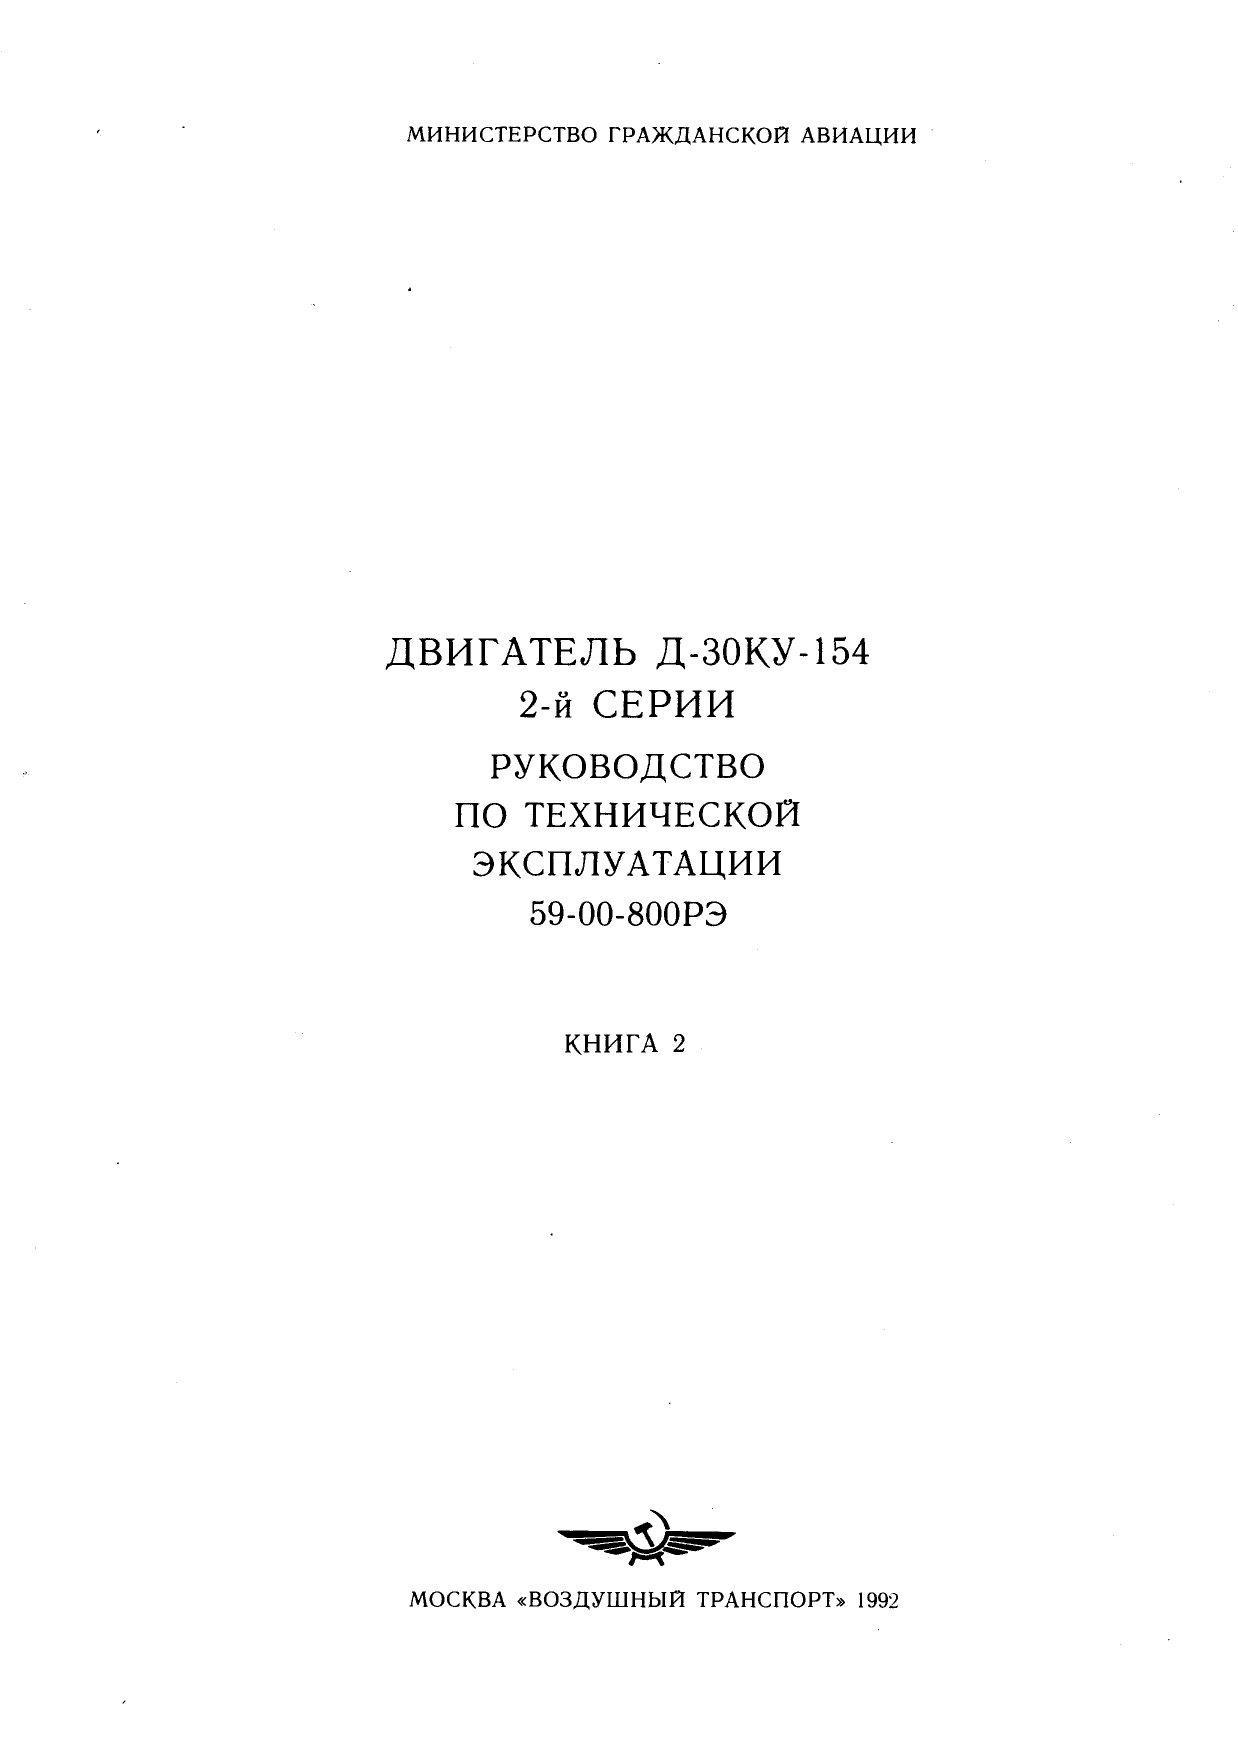 Двигатель Д-30КУ-154 2й серии. Руководство по технической эксплуатации. Книга 2